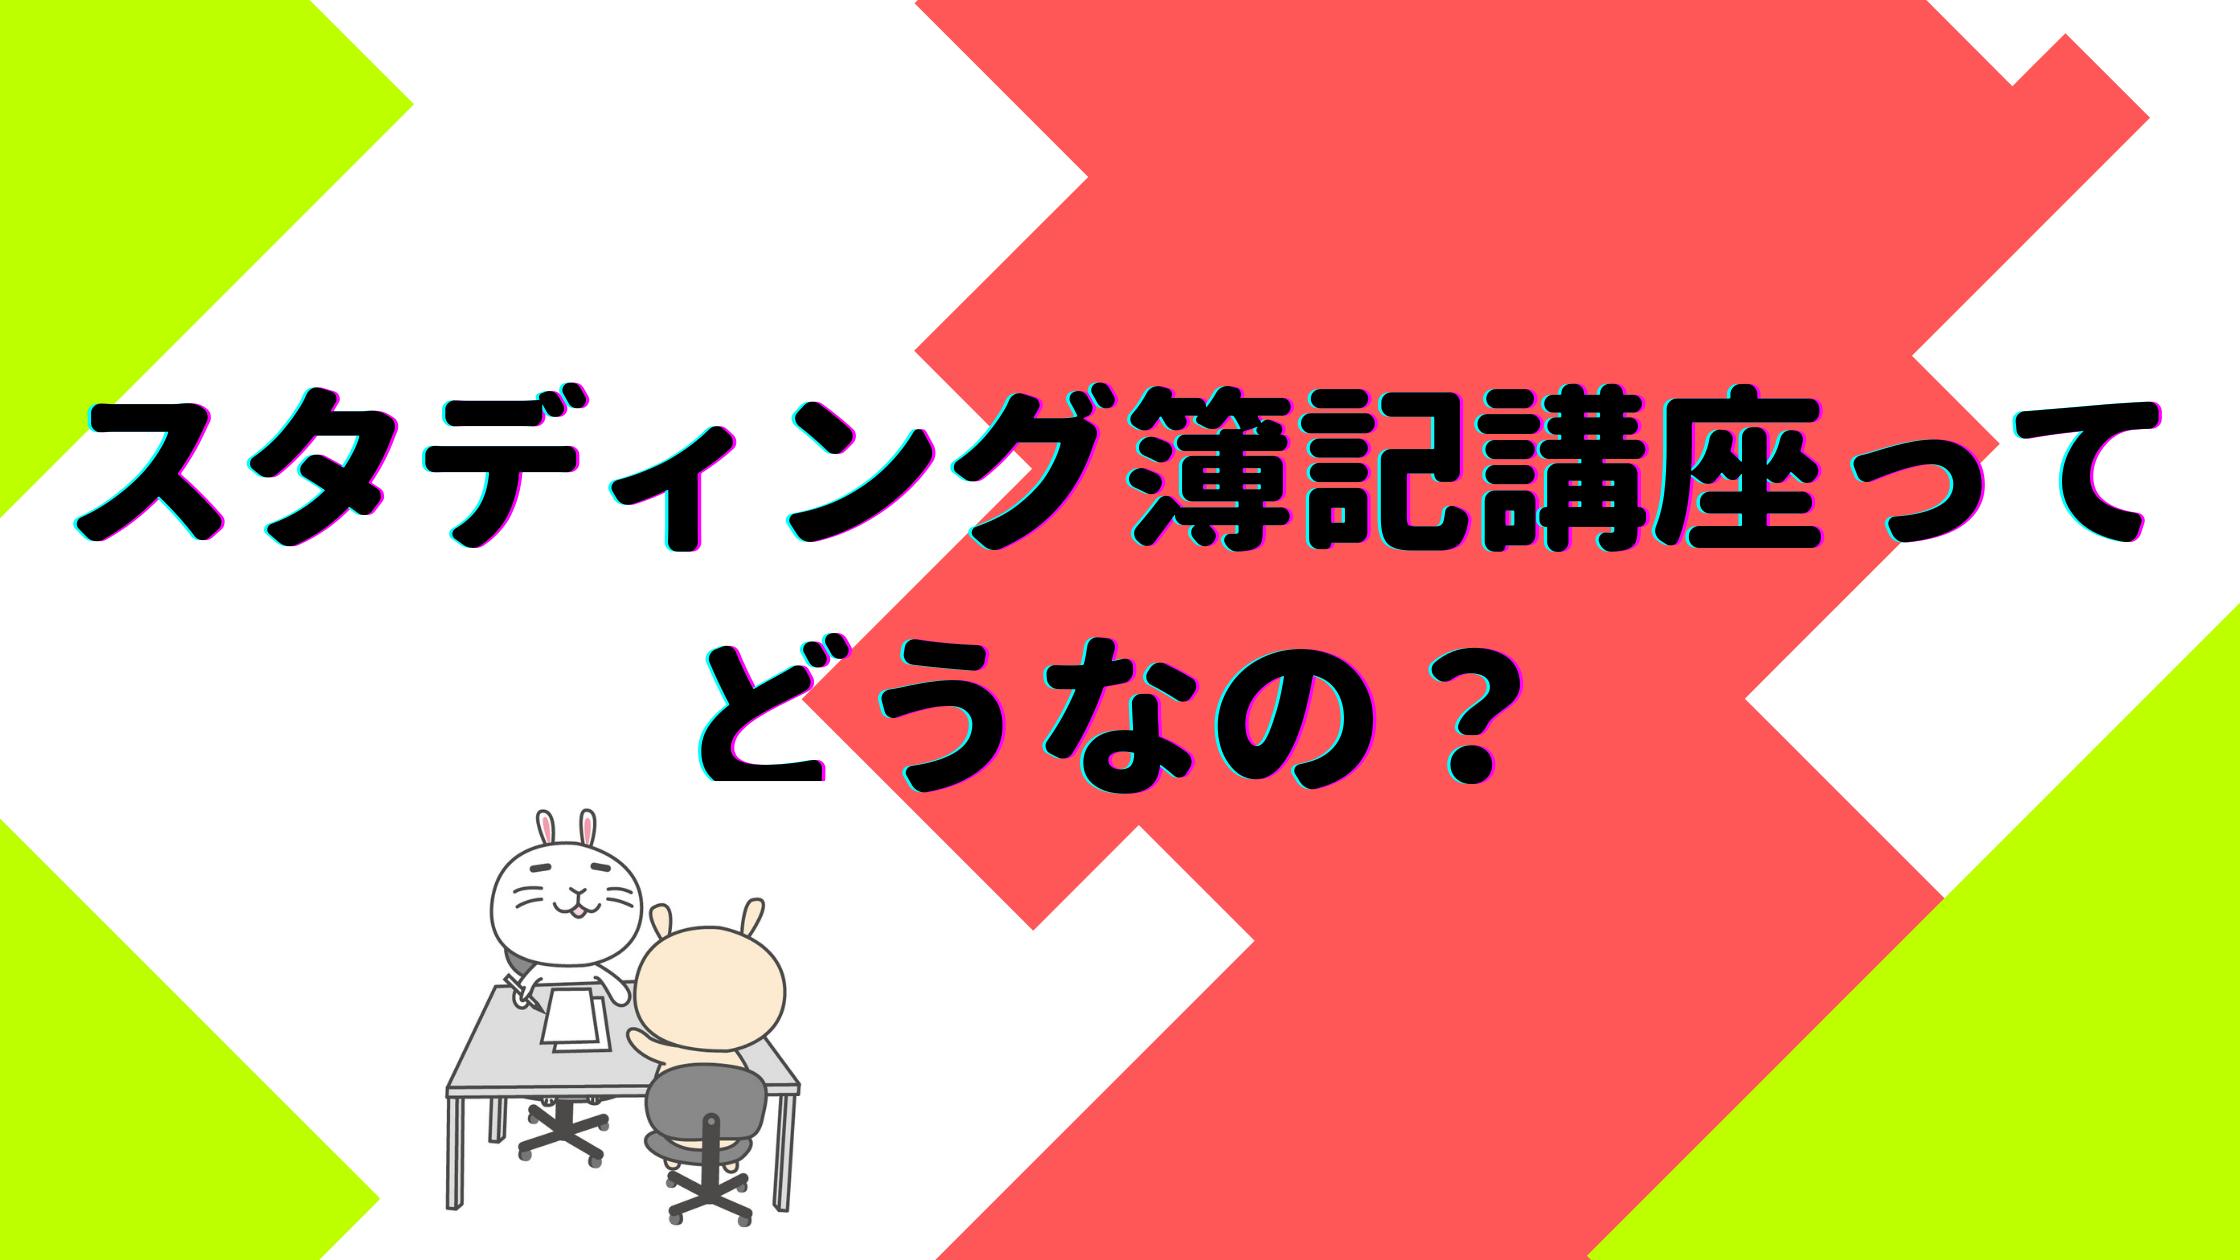 スタディング簿記講座の評判・口コミ